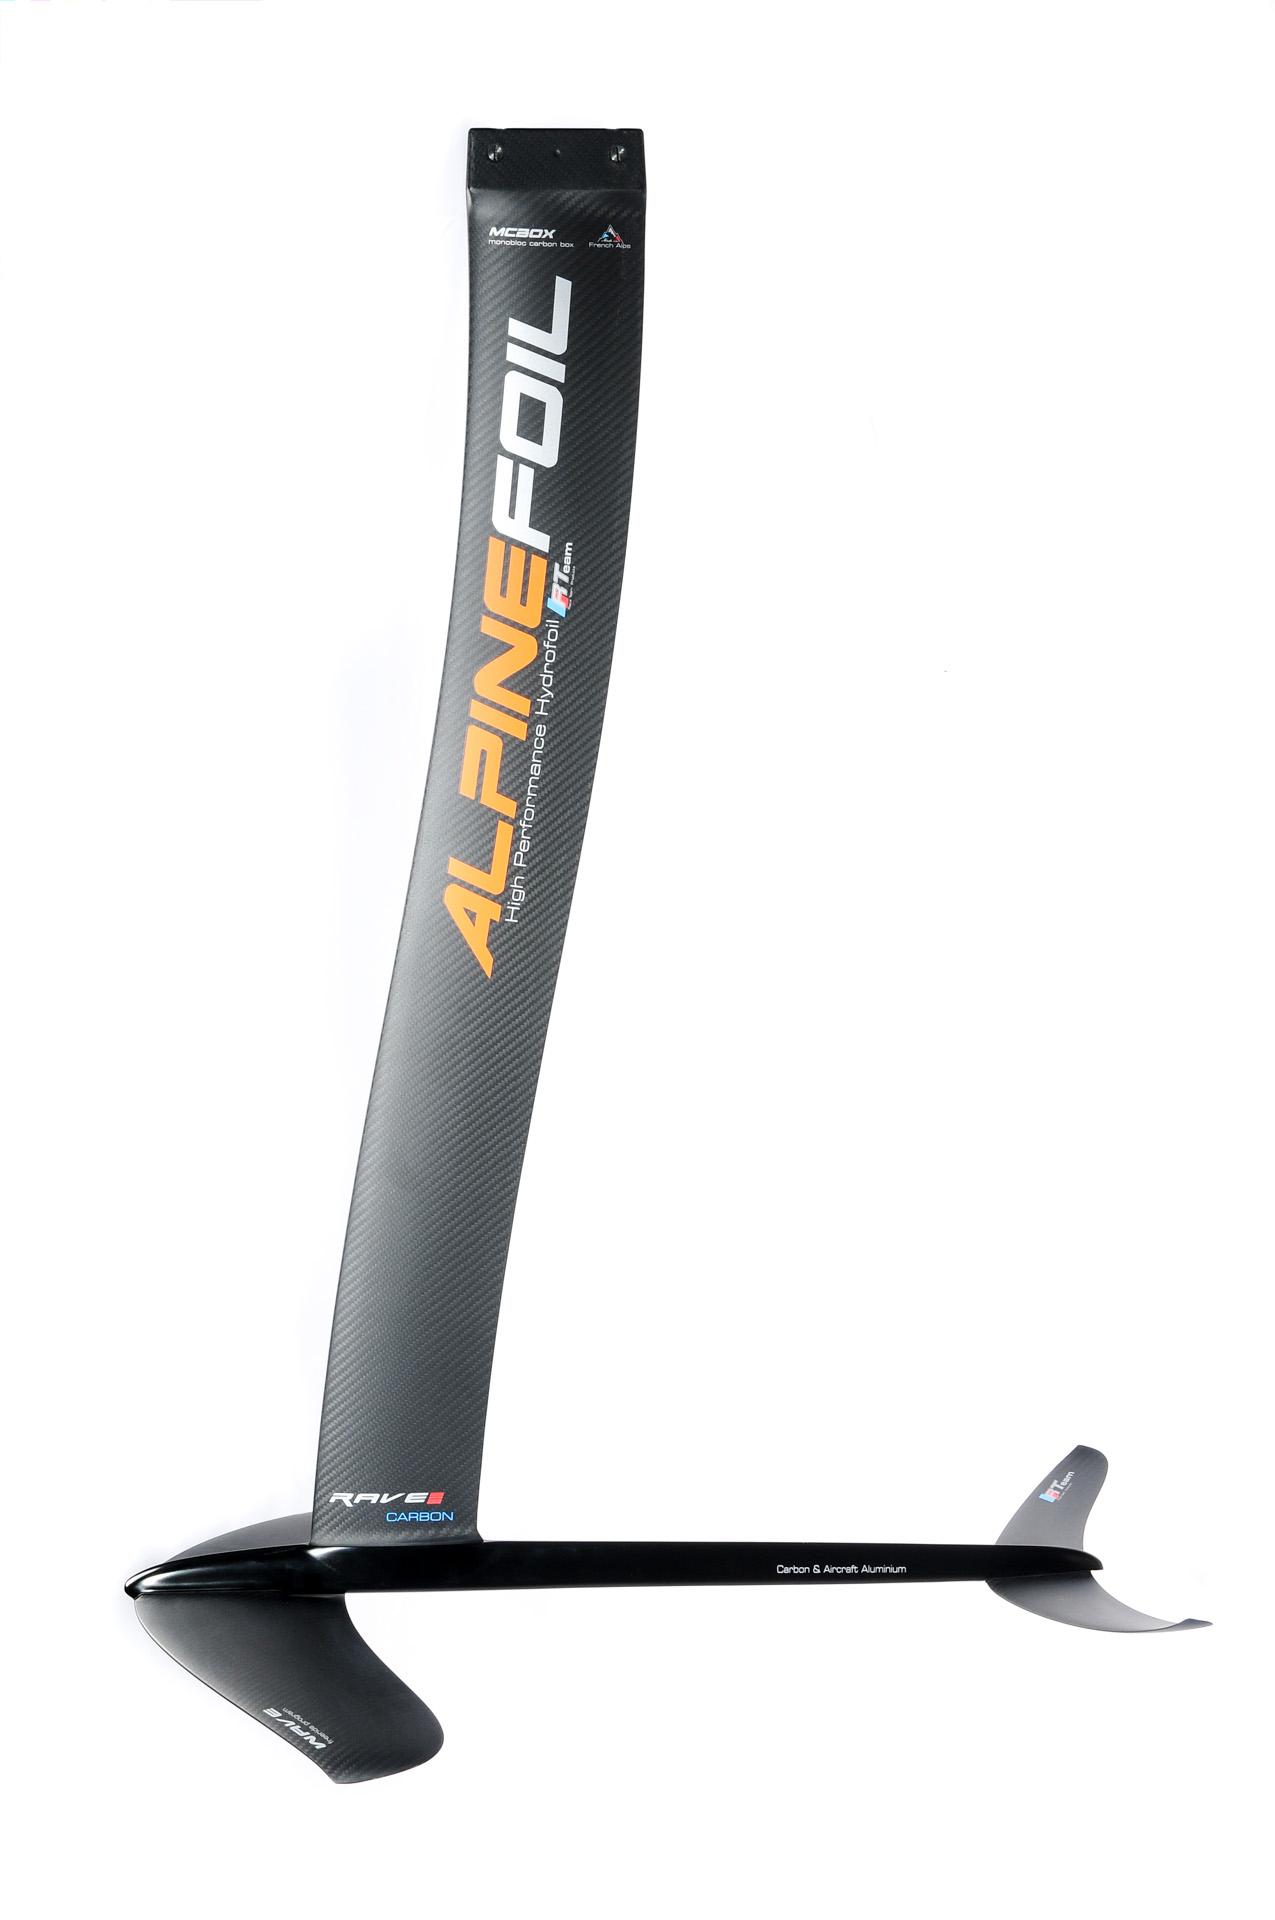 Kitefoil alpinefoil rave dch 0111